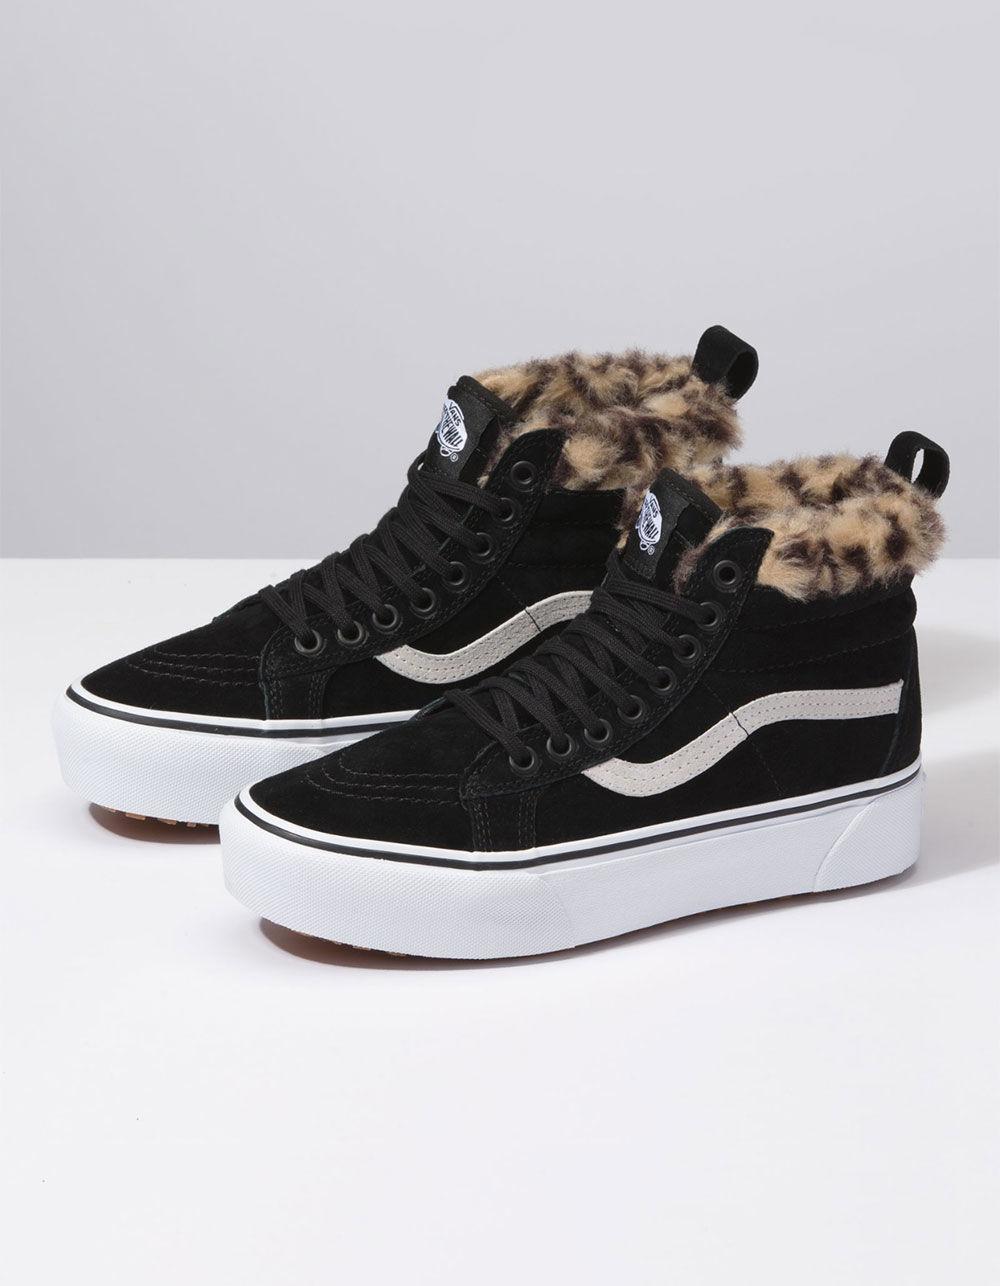 Lyst - Vans Sk8-hi Platform Mte Black   Leopard Fur Womens Shoes in Black -  Save 19% 309fcf2aa